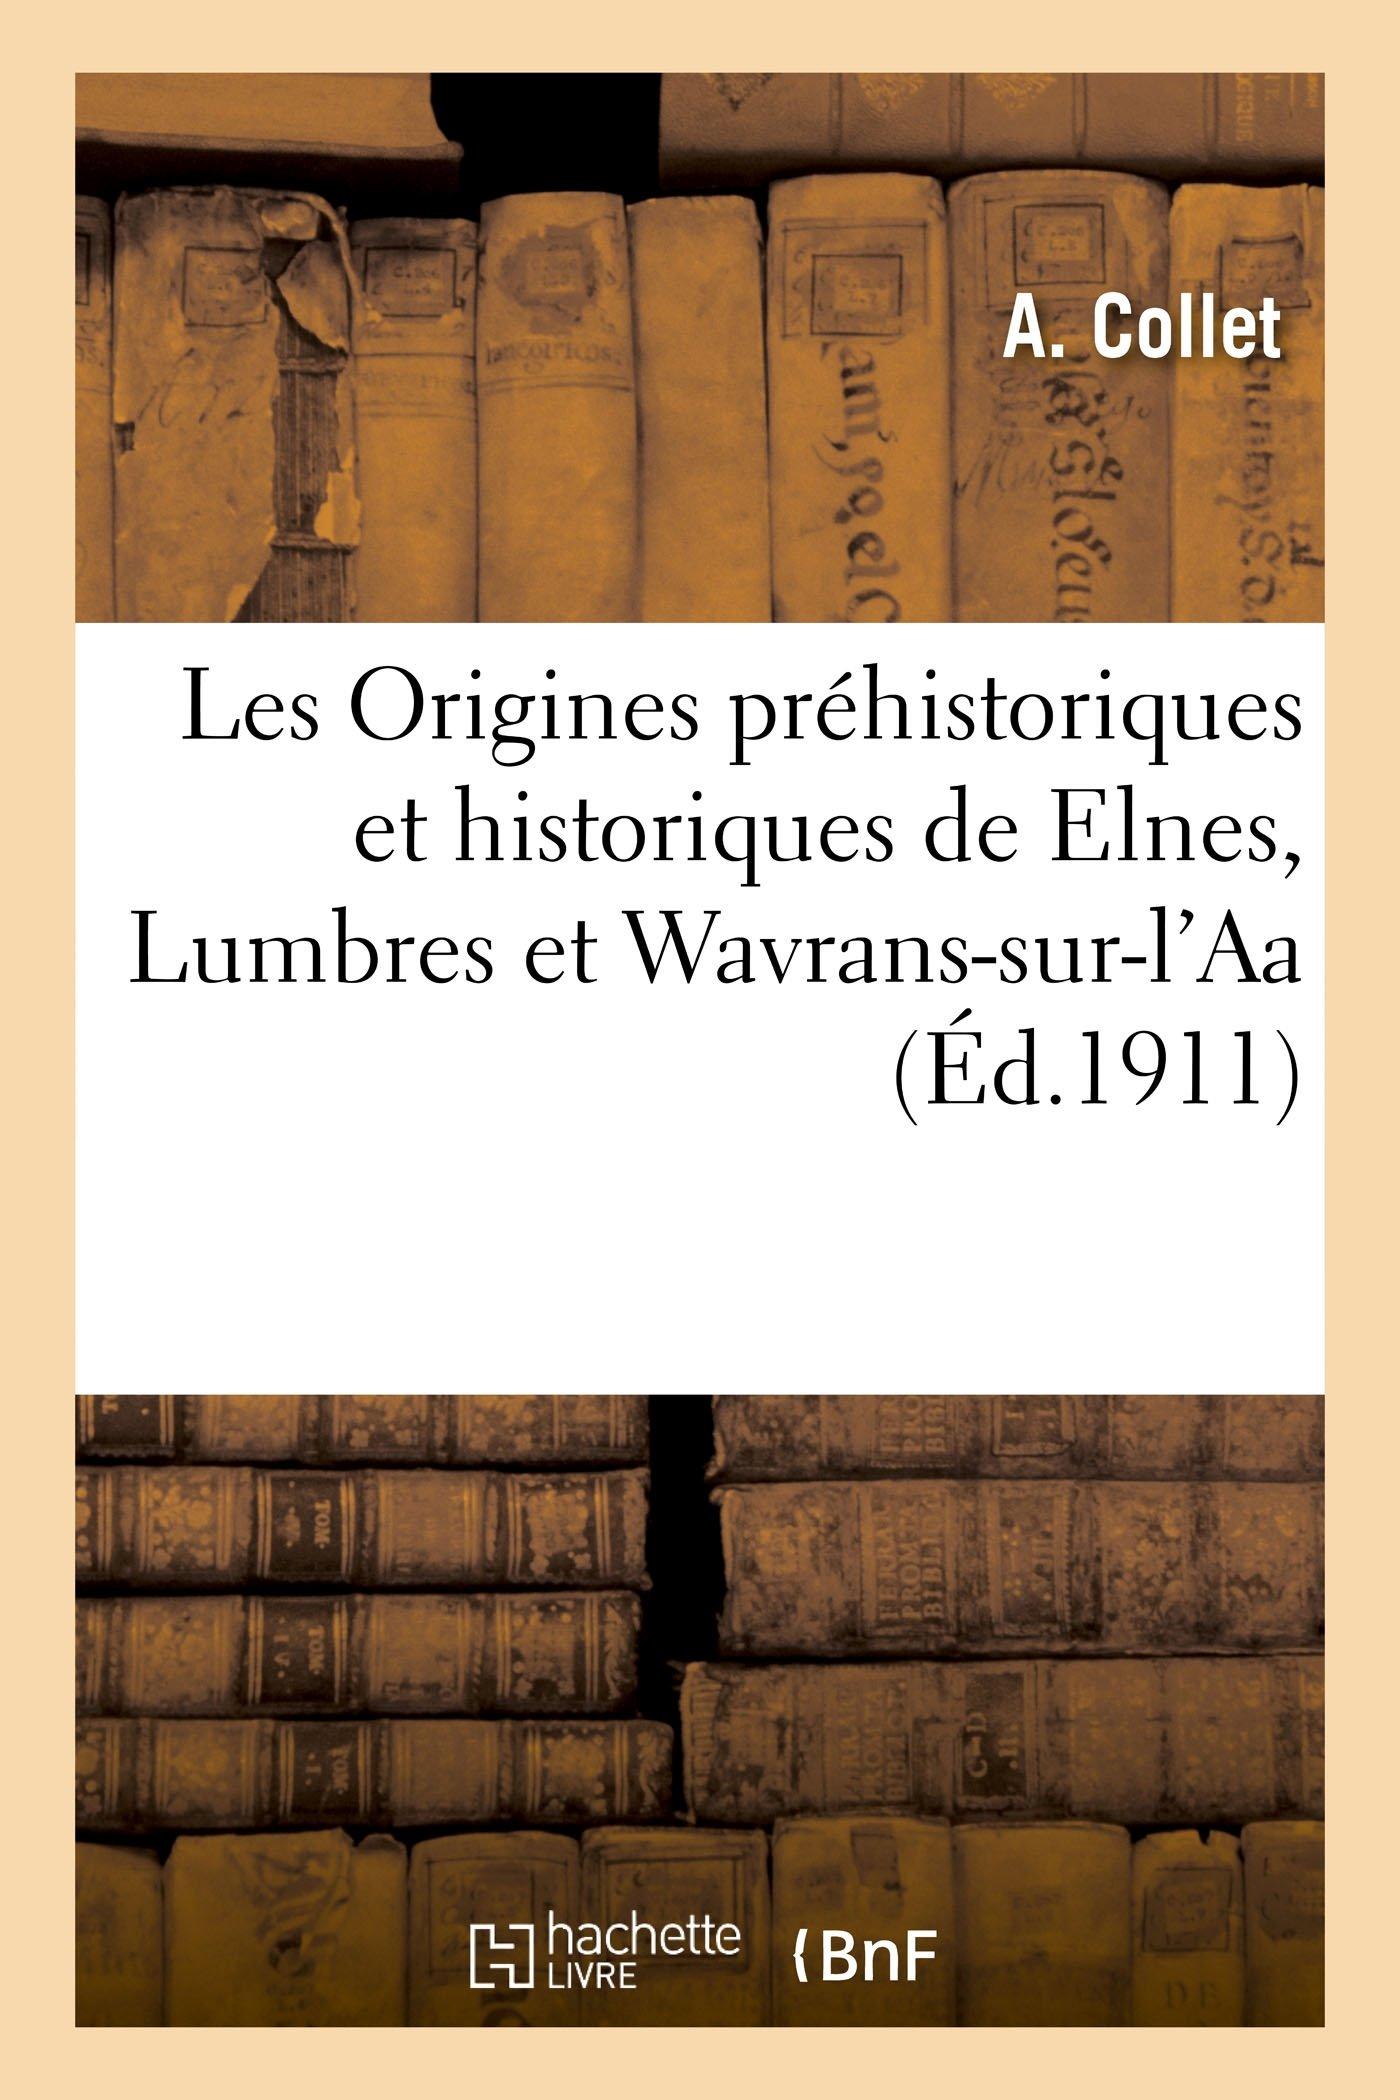 Read Online Les Origines préhistoriques et historiques de Elnes, Lumbres et Wavrans-sur-l'Aa (Histoire) (French Edition) ebook